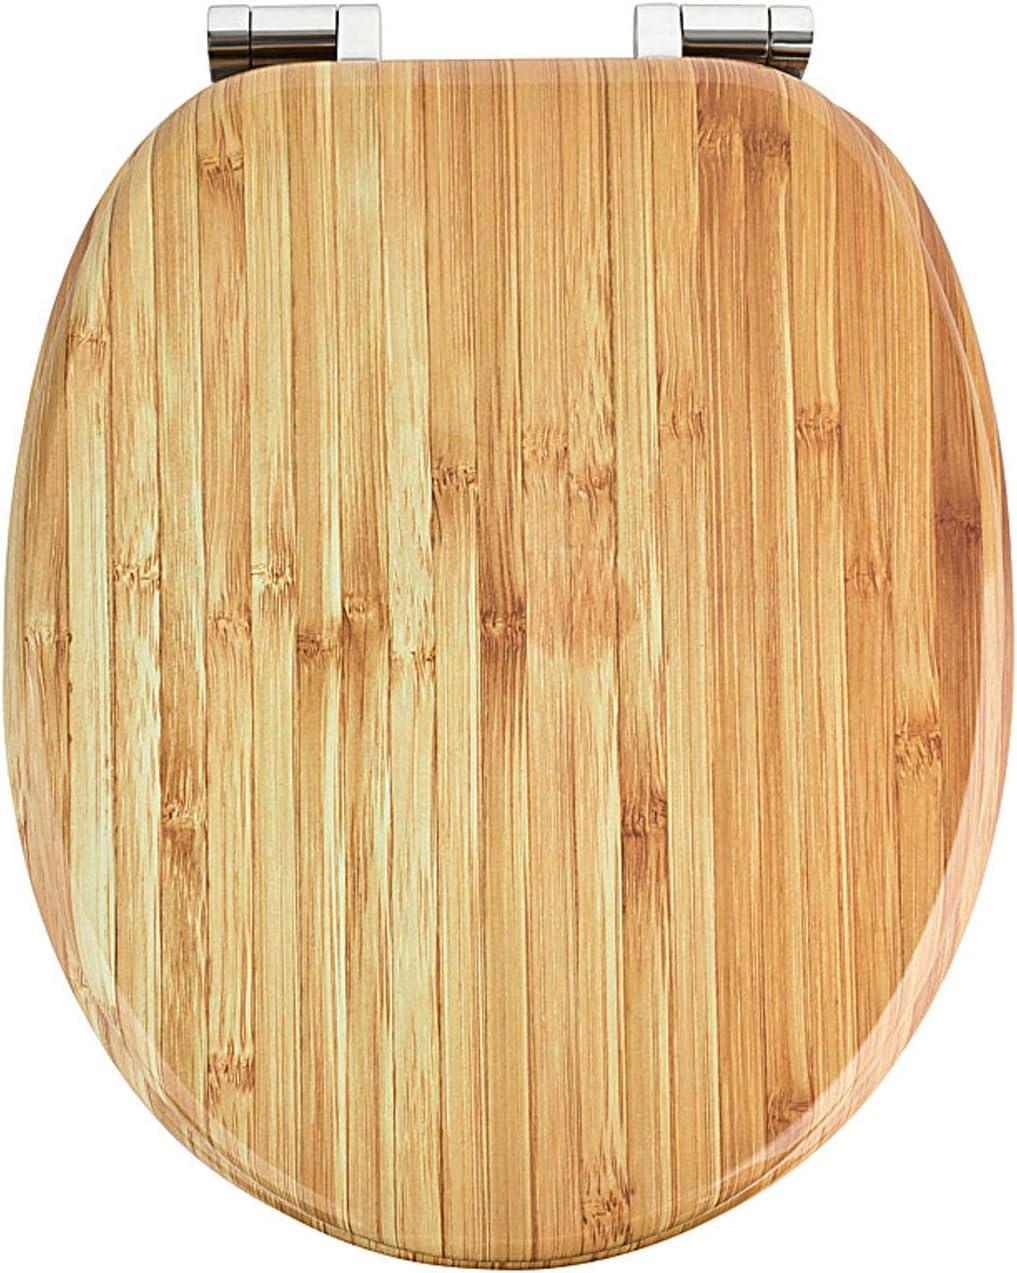 Bambus Holz Premium MDF Toilettensitz WC-Sitz mit Absenkautomatik und verzinkten Scharnieren